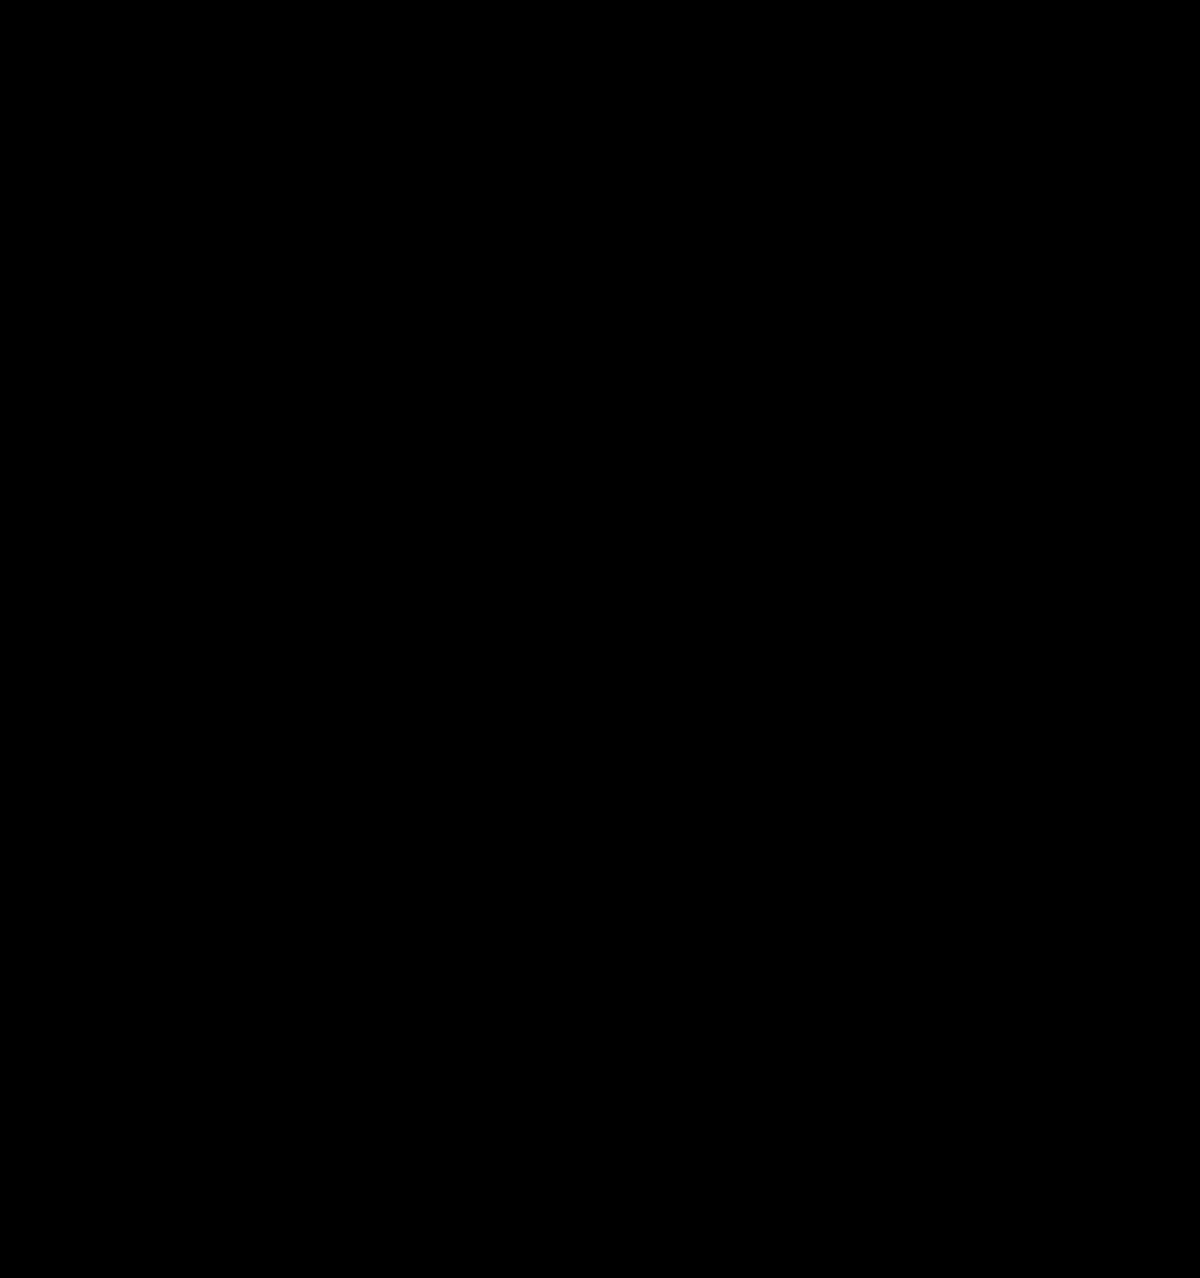 821cd3c19471974574b10c15e3b48e26d858fac2